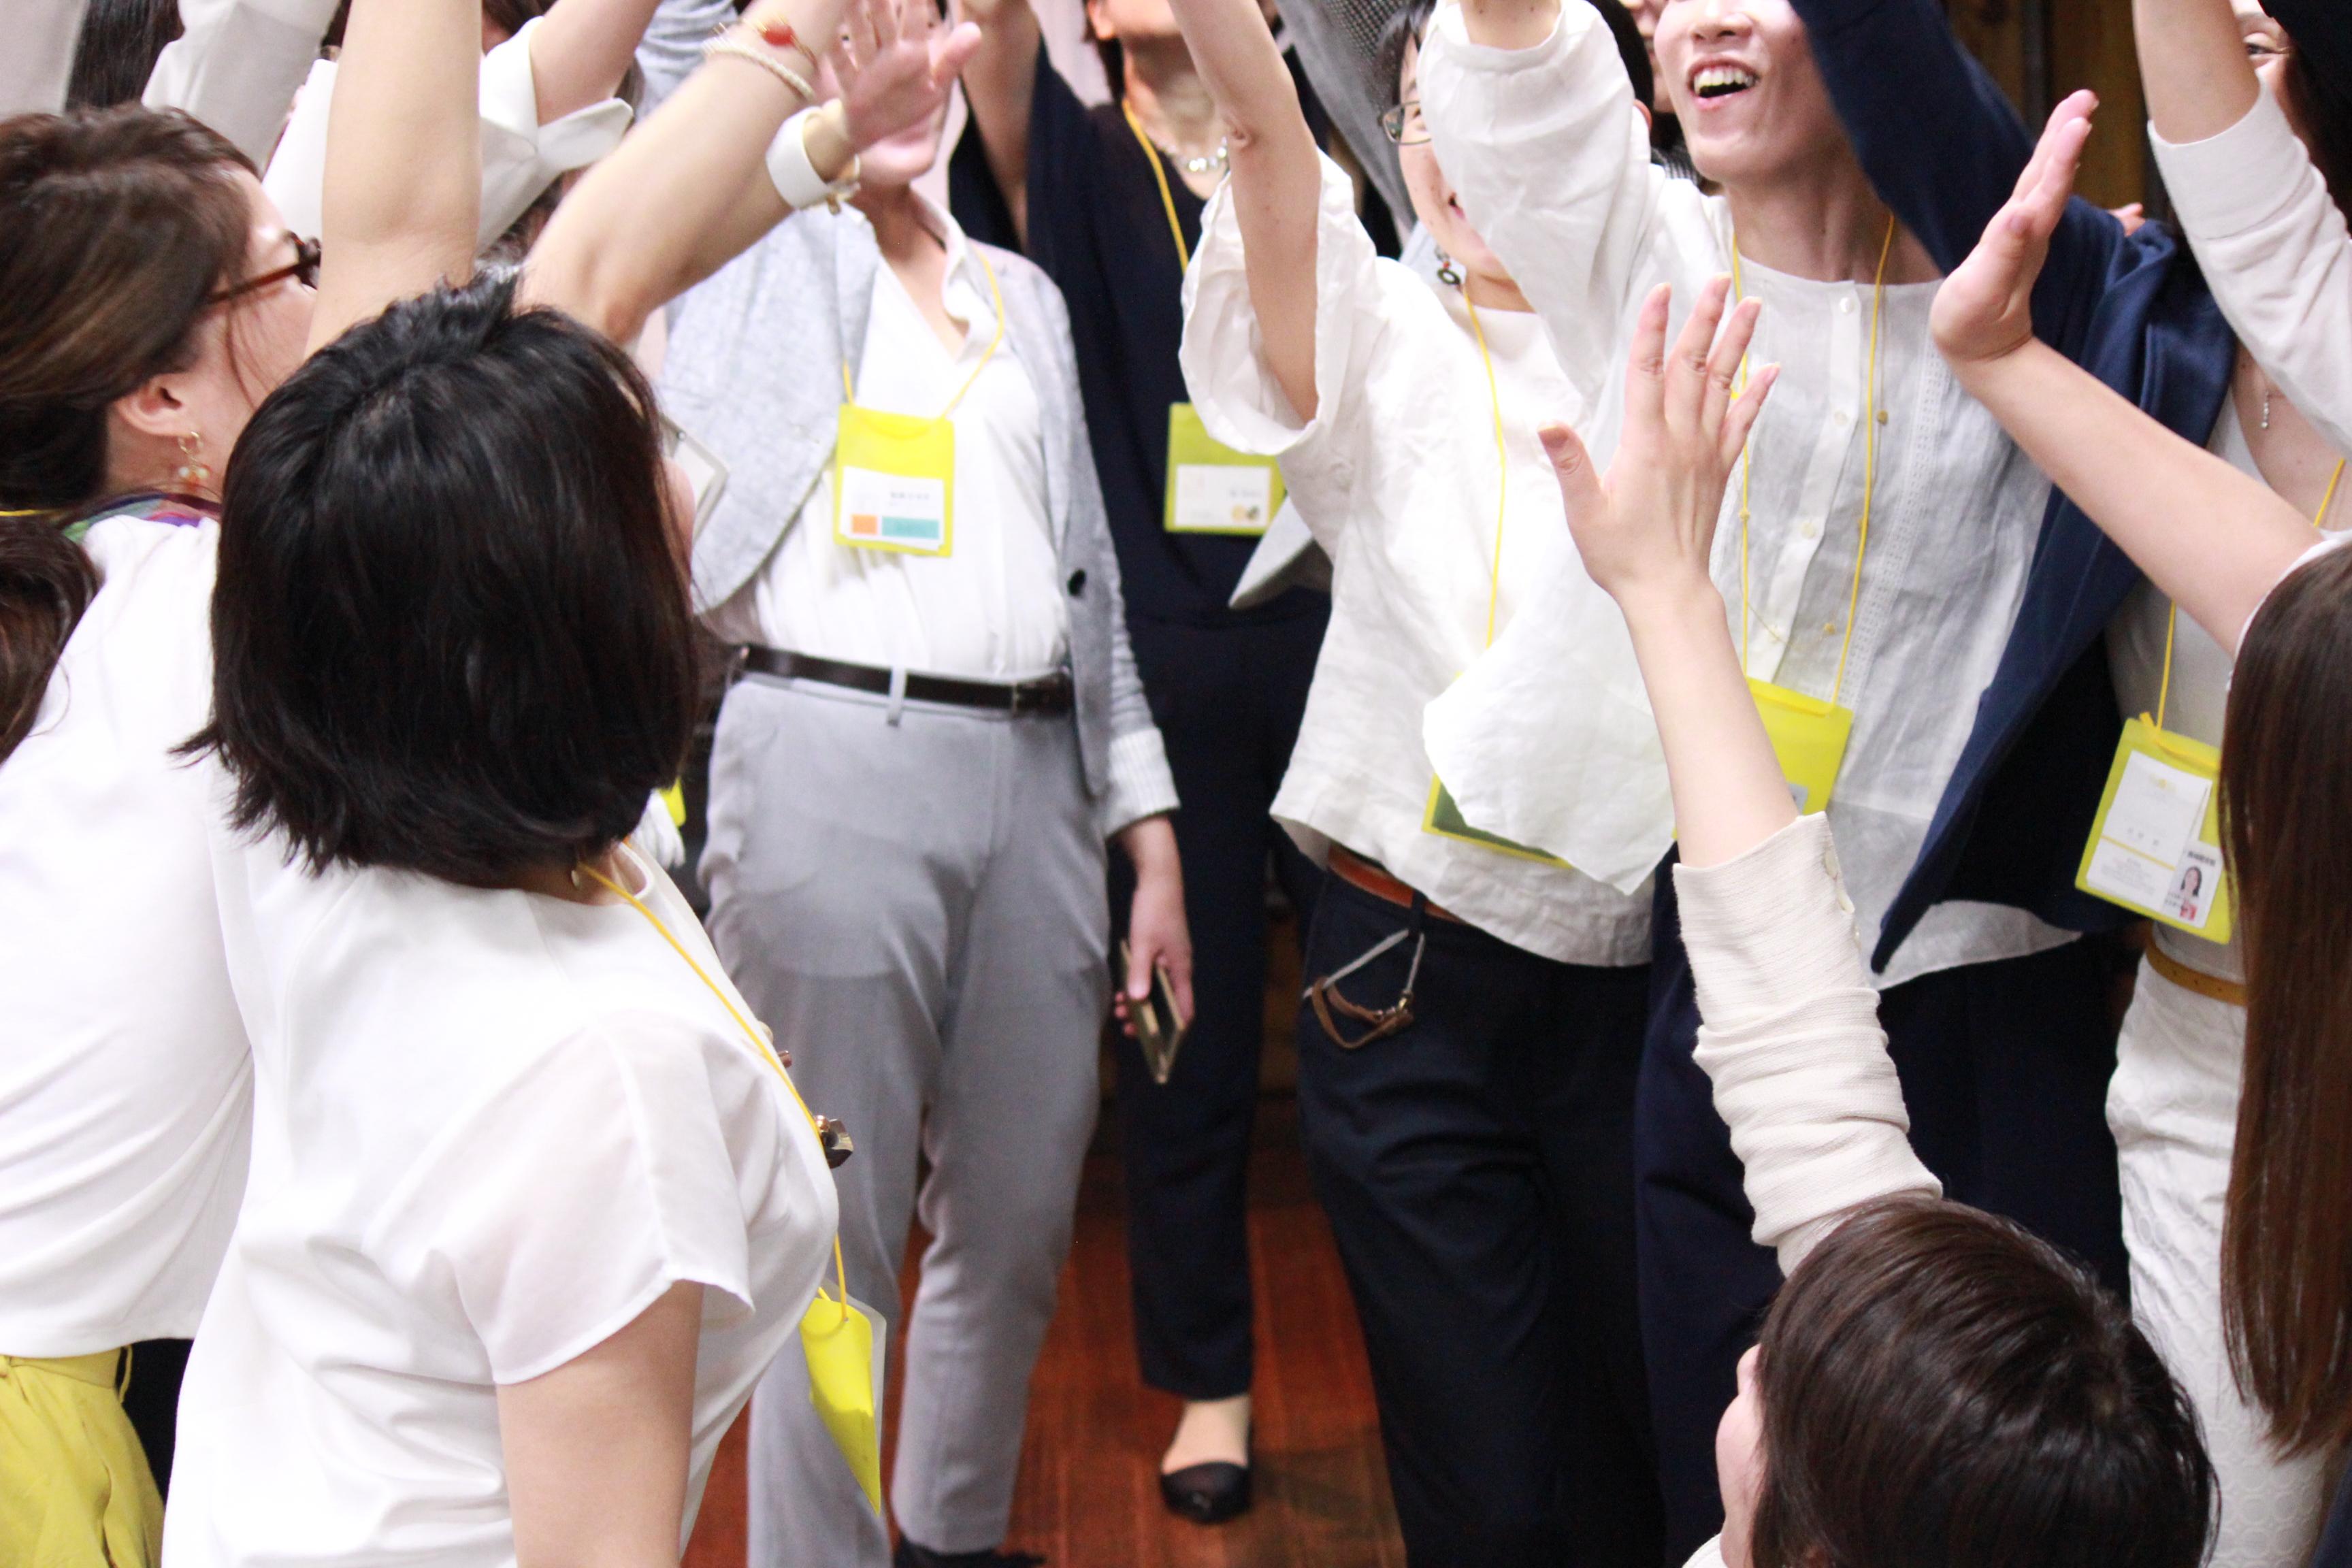 充実した学びの3時間の裏で大活躍するスタッフのダイジェスト ~オーガナイズの日チャリティイベントin大阪